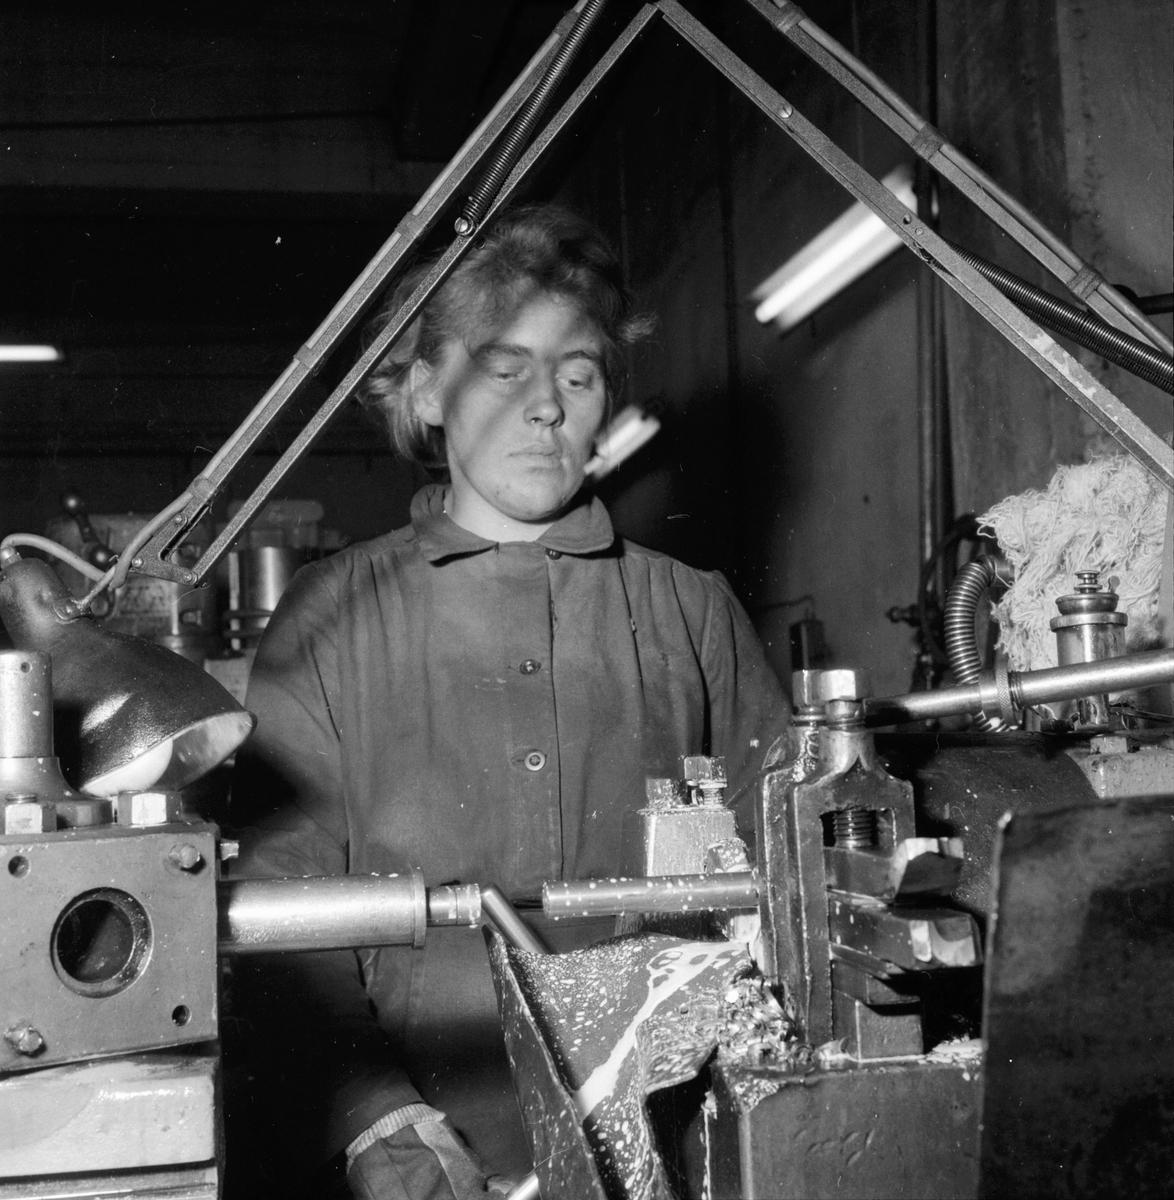 Lingbo verkstäder. Eva Rasmusen svarvar kedjehylsor i en automatisk svarv som averkar hela stången i ett enda moment. 13/11 1958